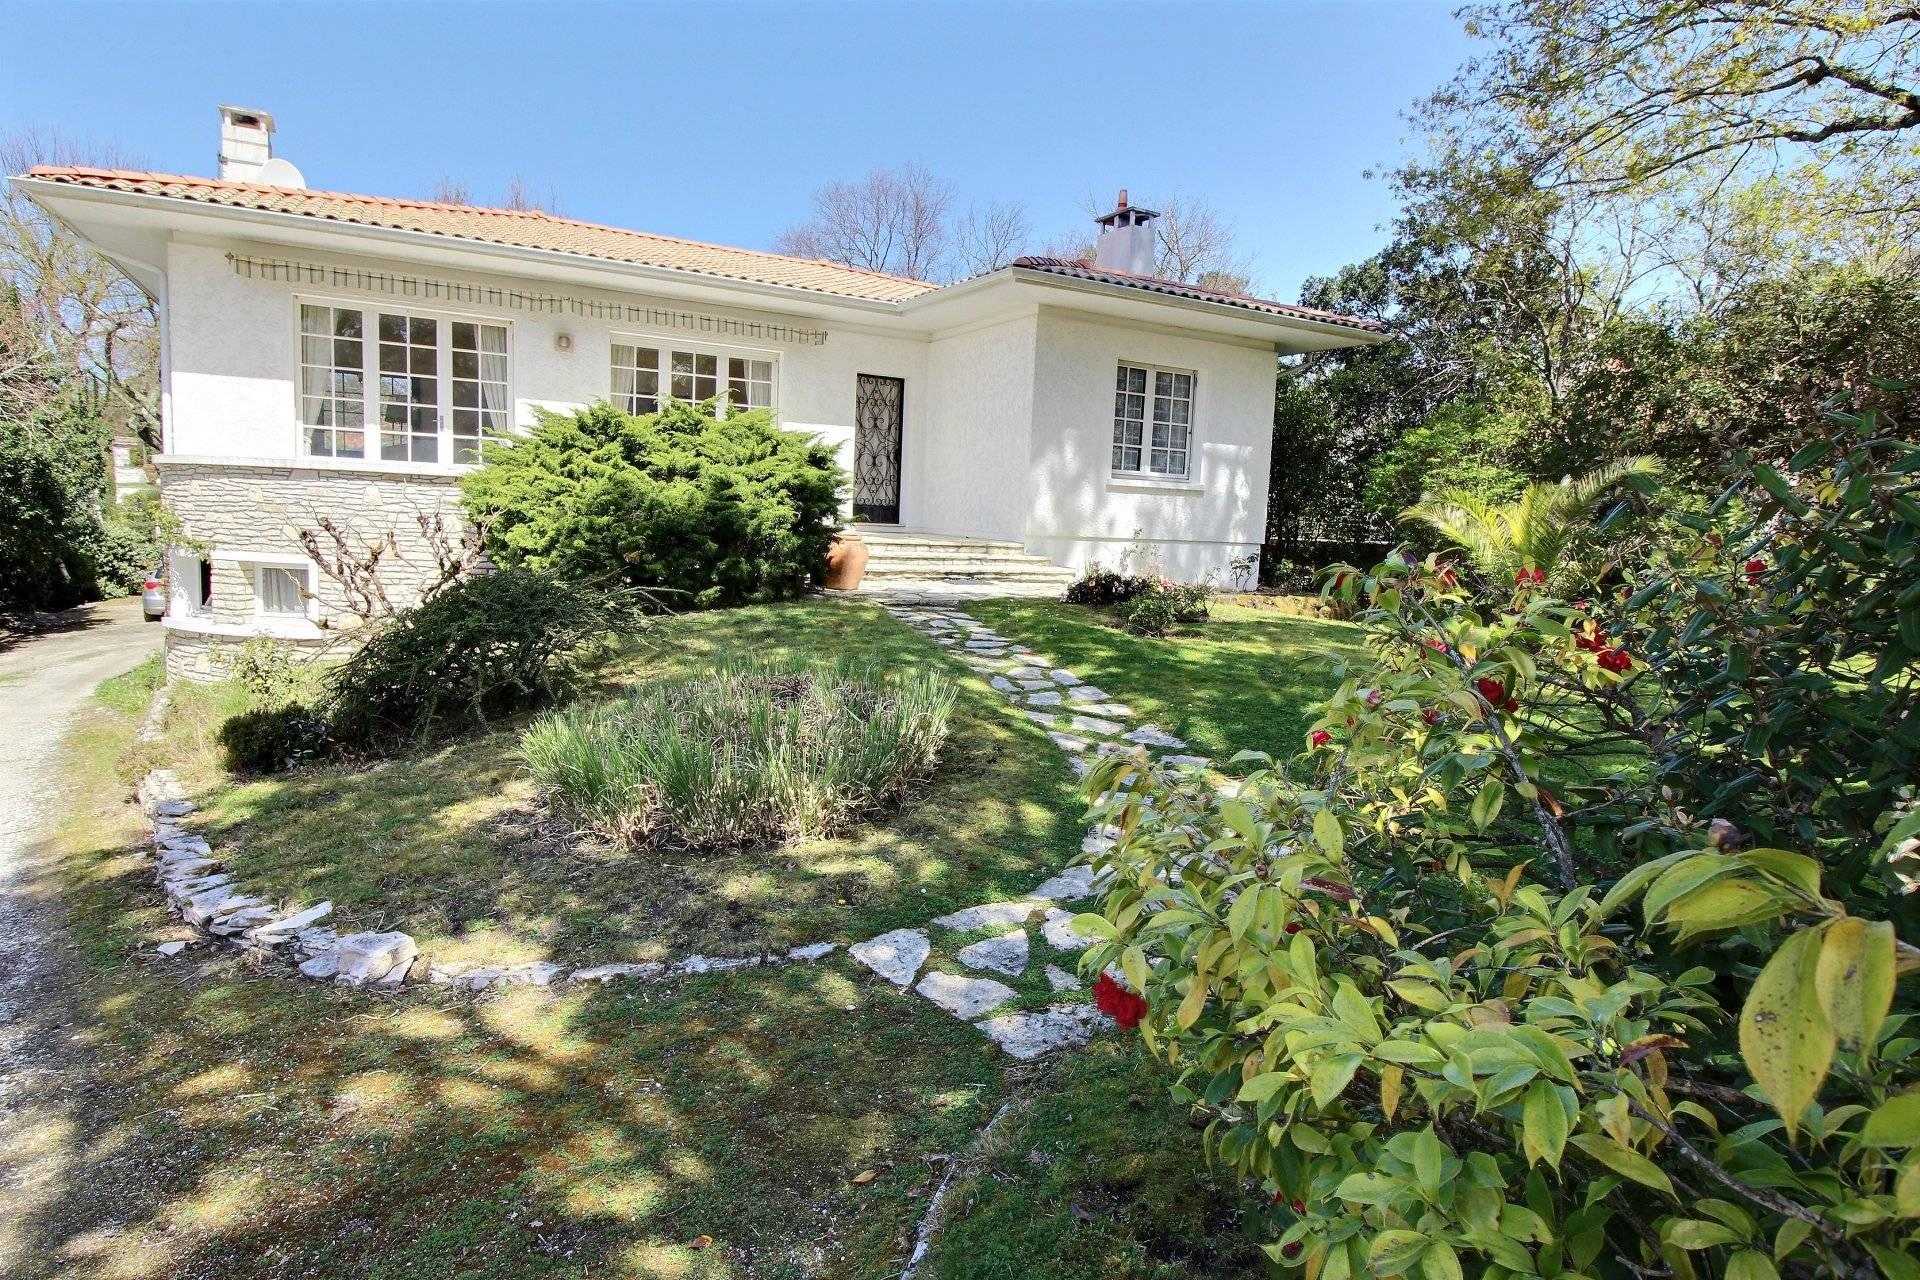 Vente maison familiale ARCACHON LES ABATILLES - Coldwell Banker